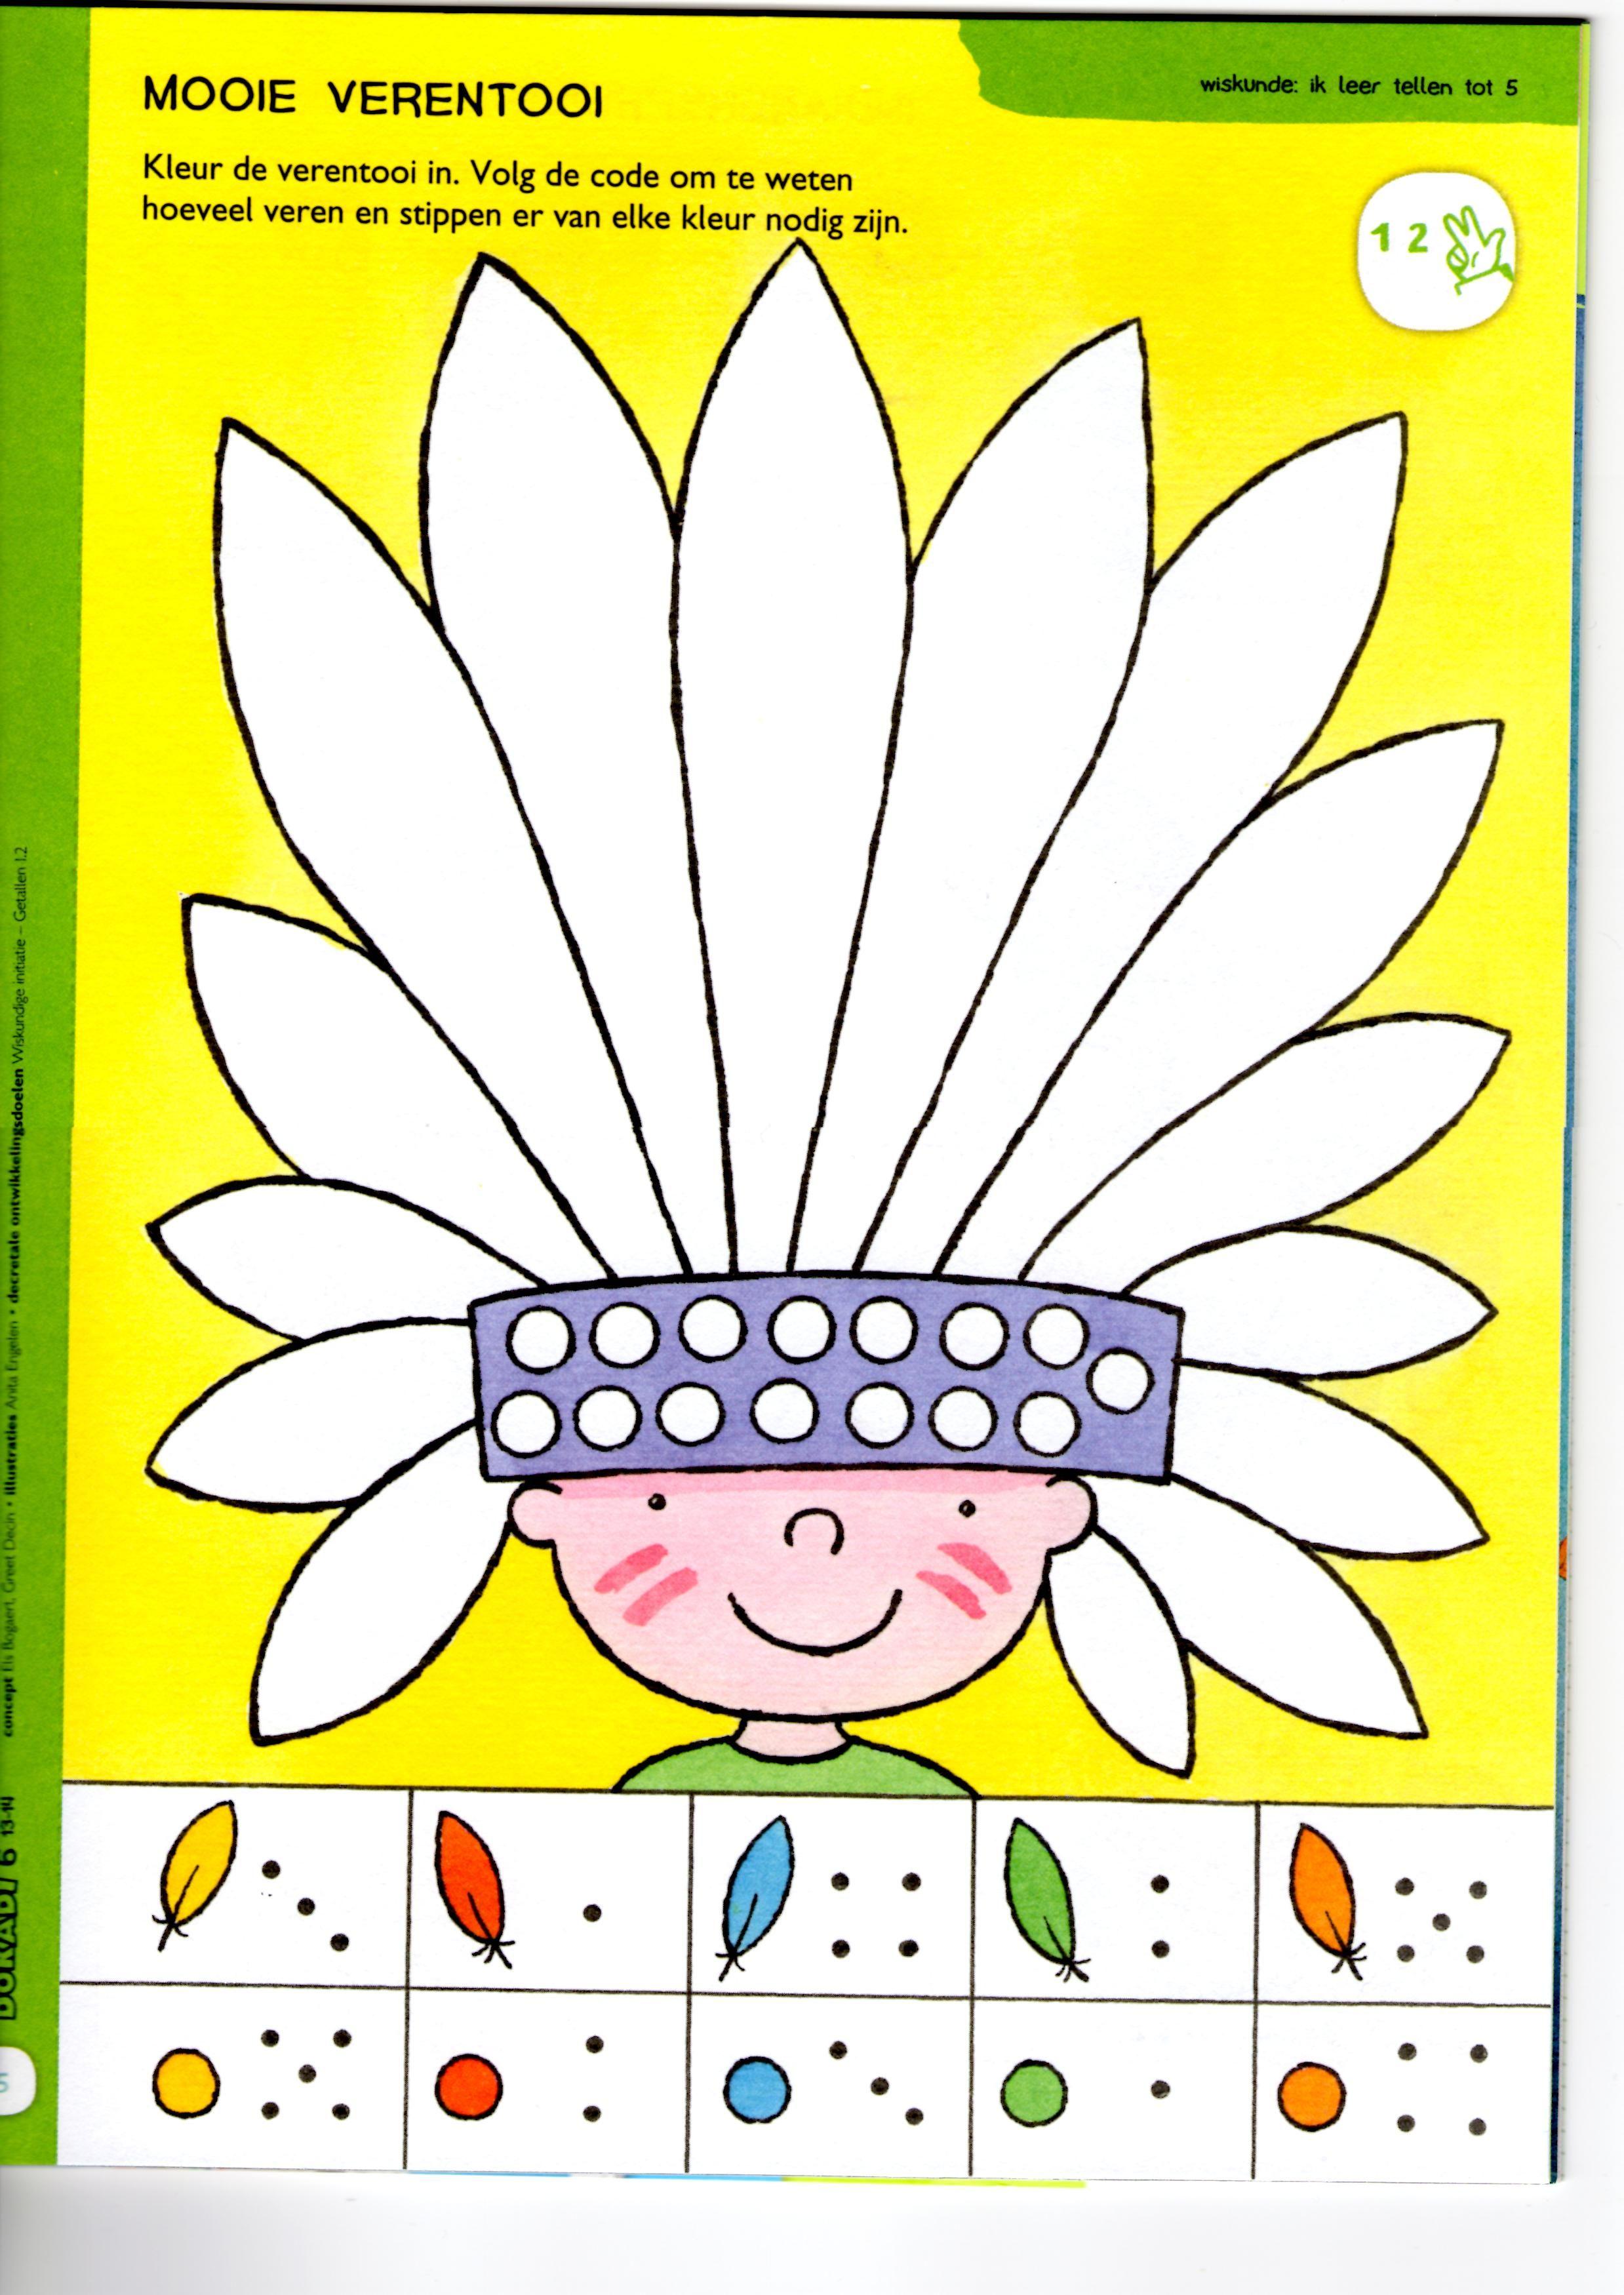 Kleurplaten Indianen Veren.Een Mooie Verentooi Indiaan School En Cowboys